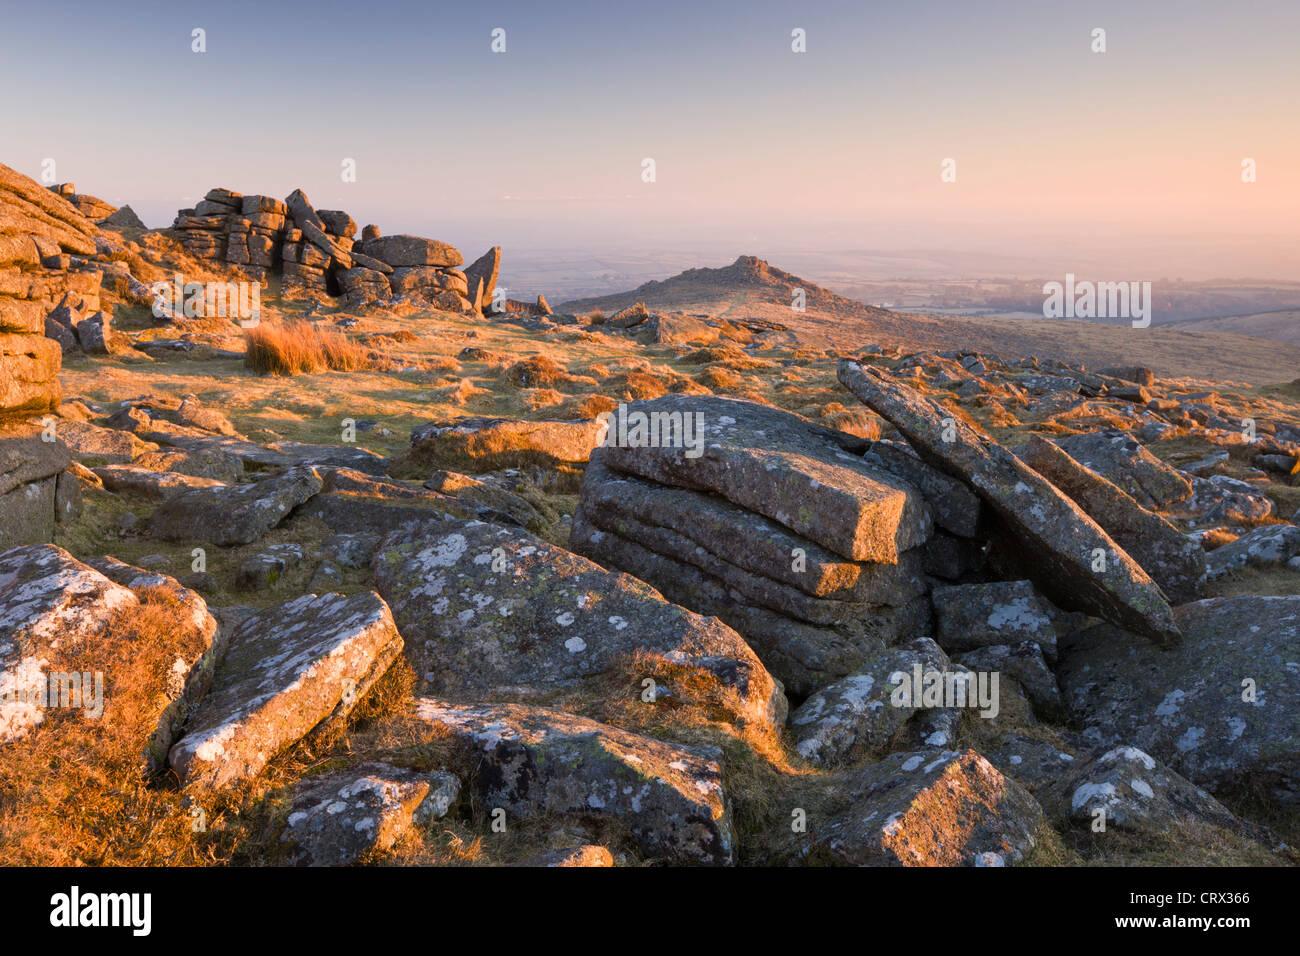 Rotture di rocce di granito sul comune Belstone all'alba, Parco Nazionale di Dartmoor, Devon, Inghilterra. Inverno Immagini Stock